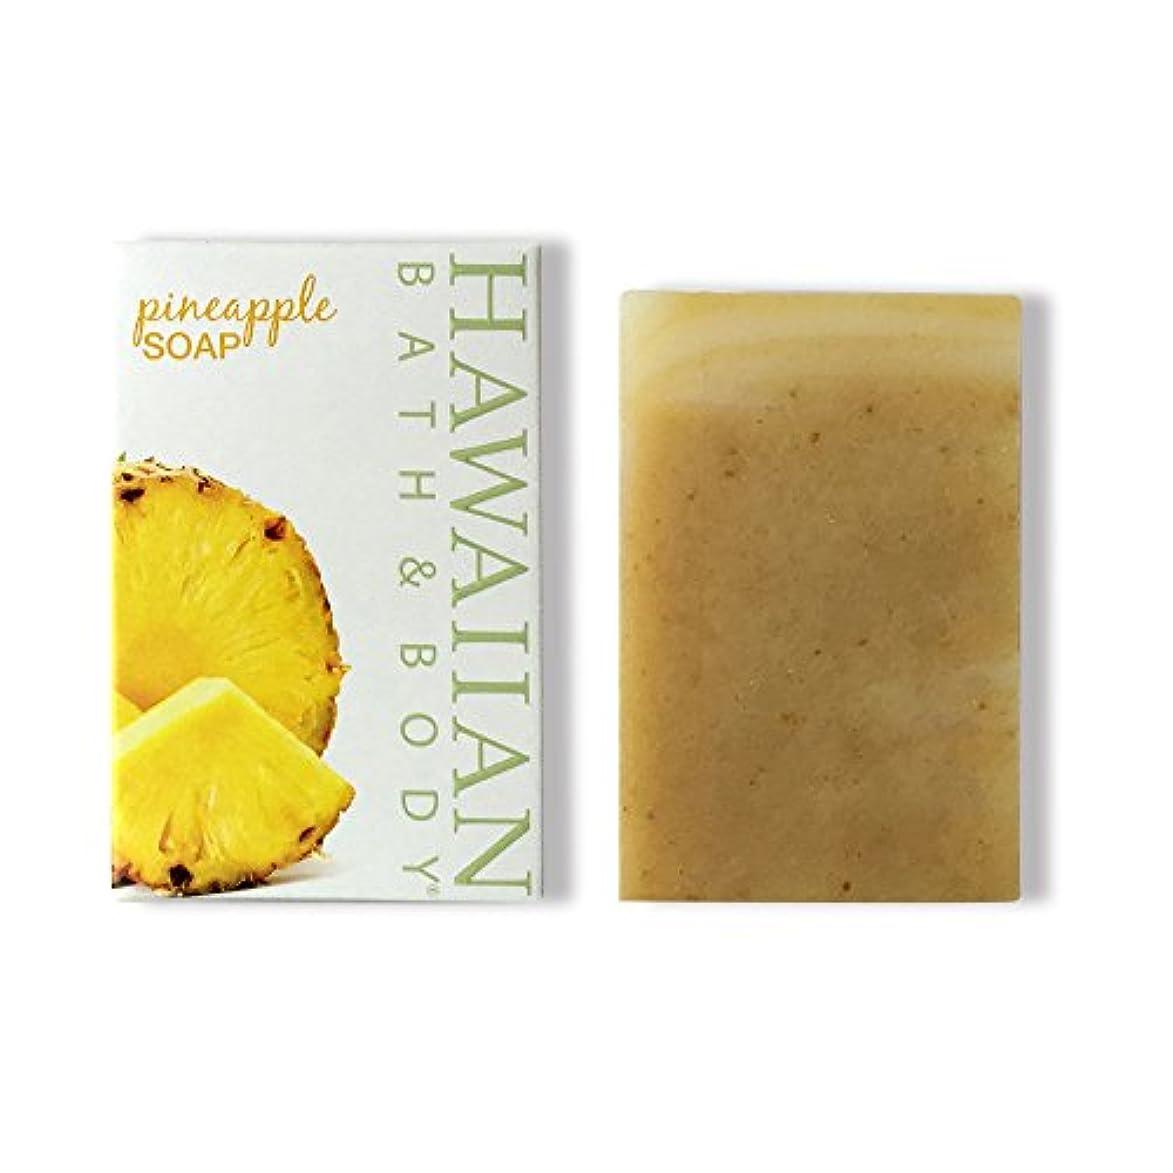 ラウンジマーチャンダイジングプレミアハワイアンバス&ボディ ハワイ?パイナップルソープ ( Pineapple Soap )